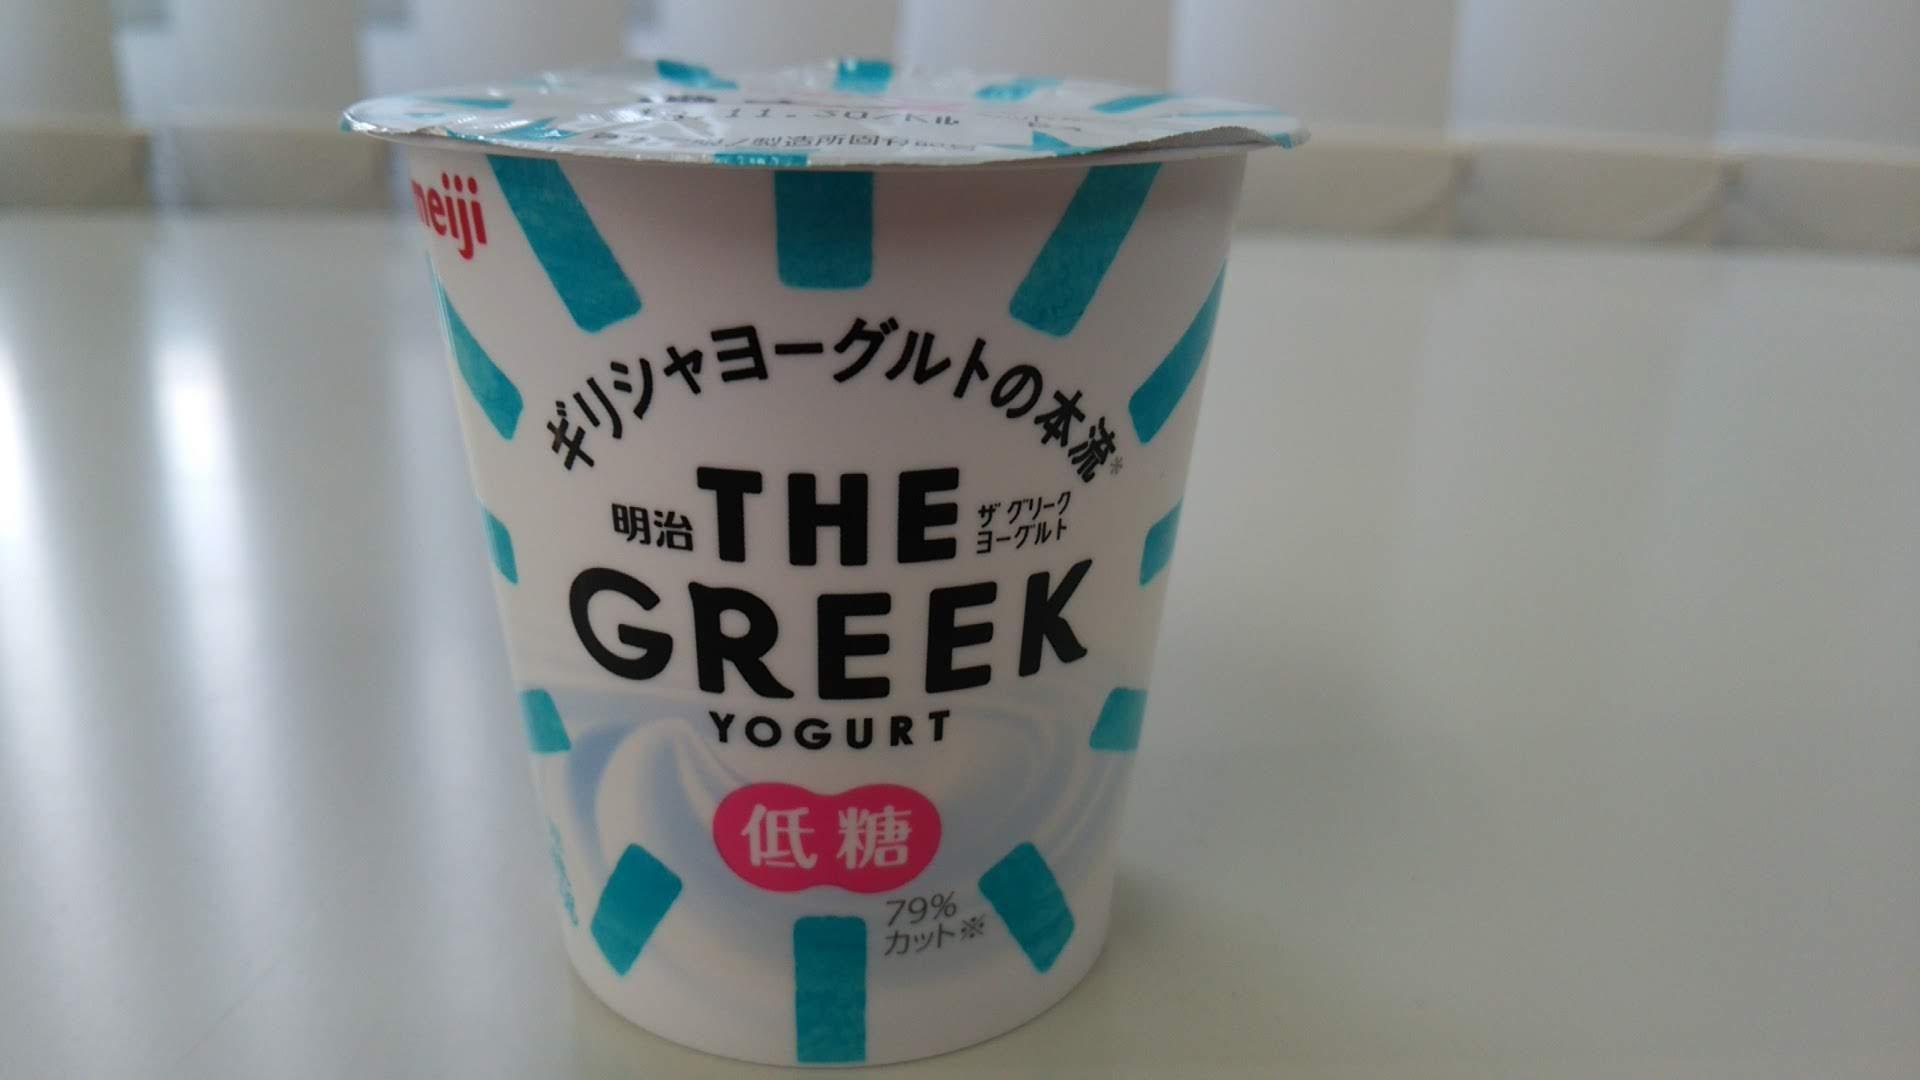 明治ギリシャヨーグルト『The Greek Yogurt 低糖』